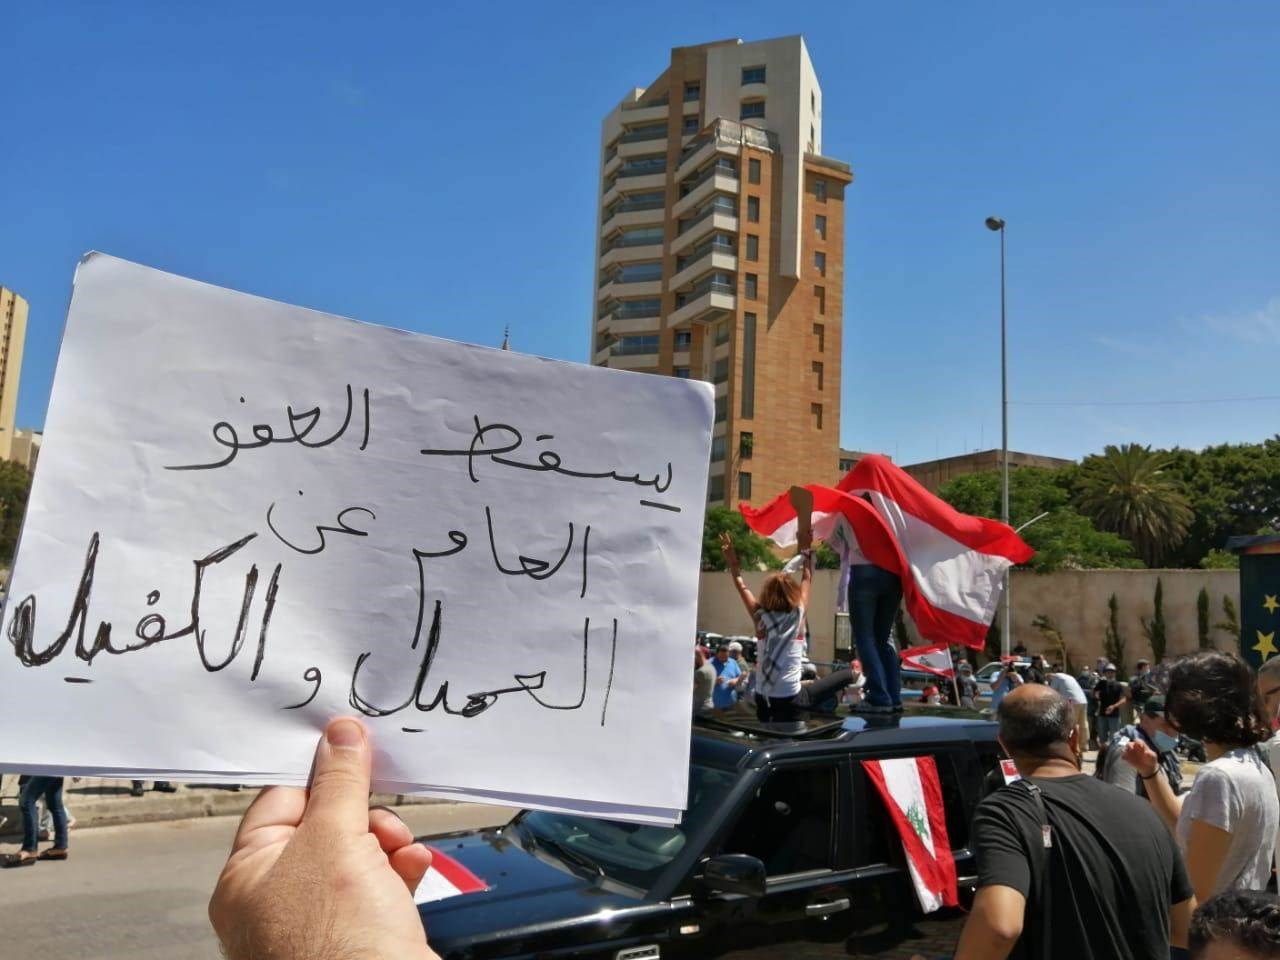 """""""عملاء لا مبعدين"""".. احتجاجات لبنانية تنديداً بـ""""قانون العفو"""""""